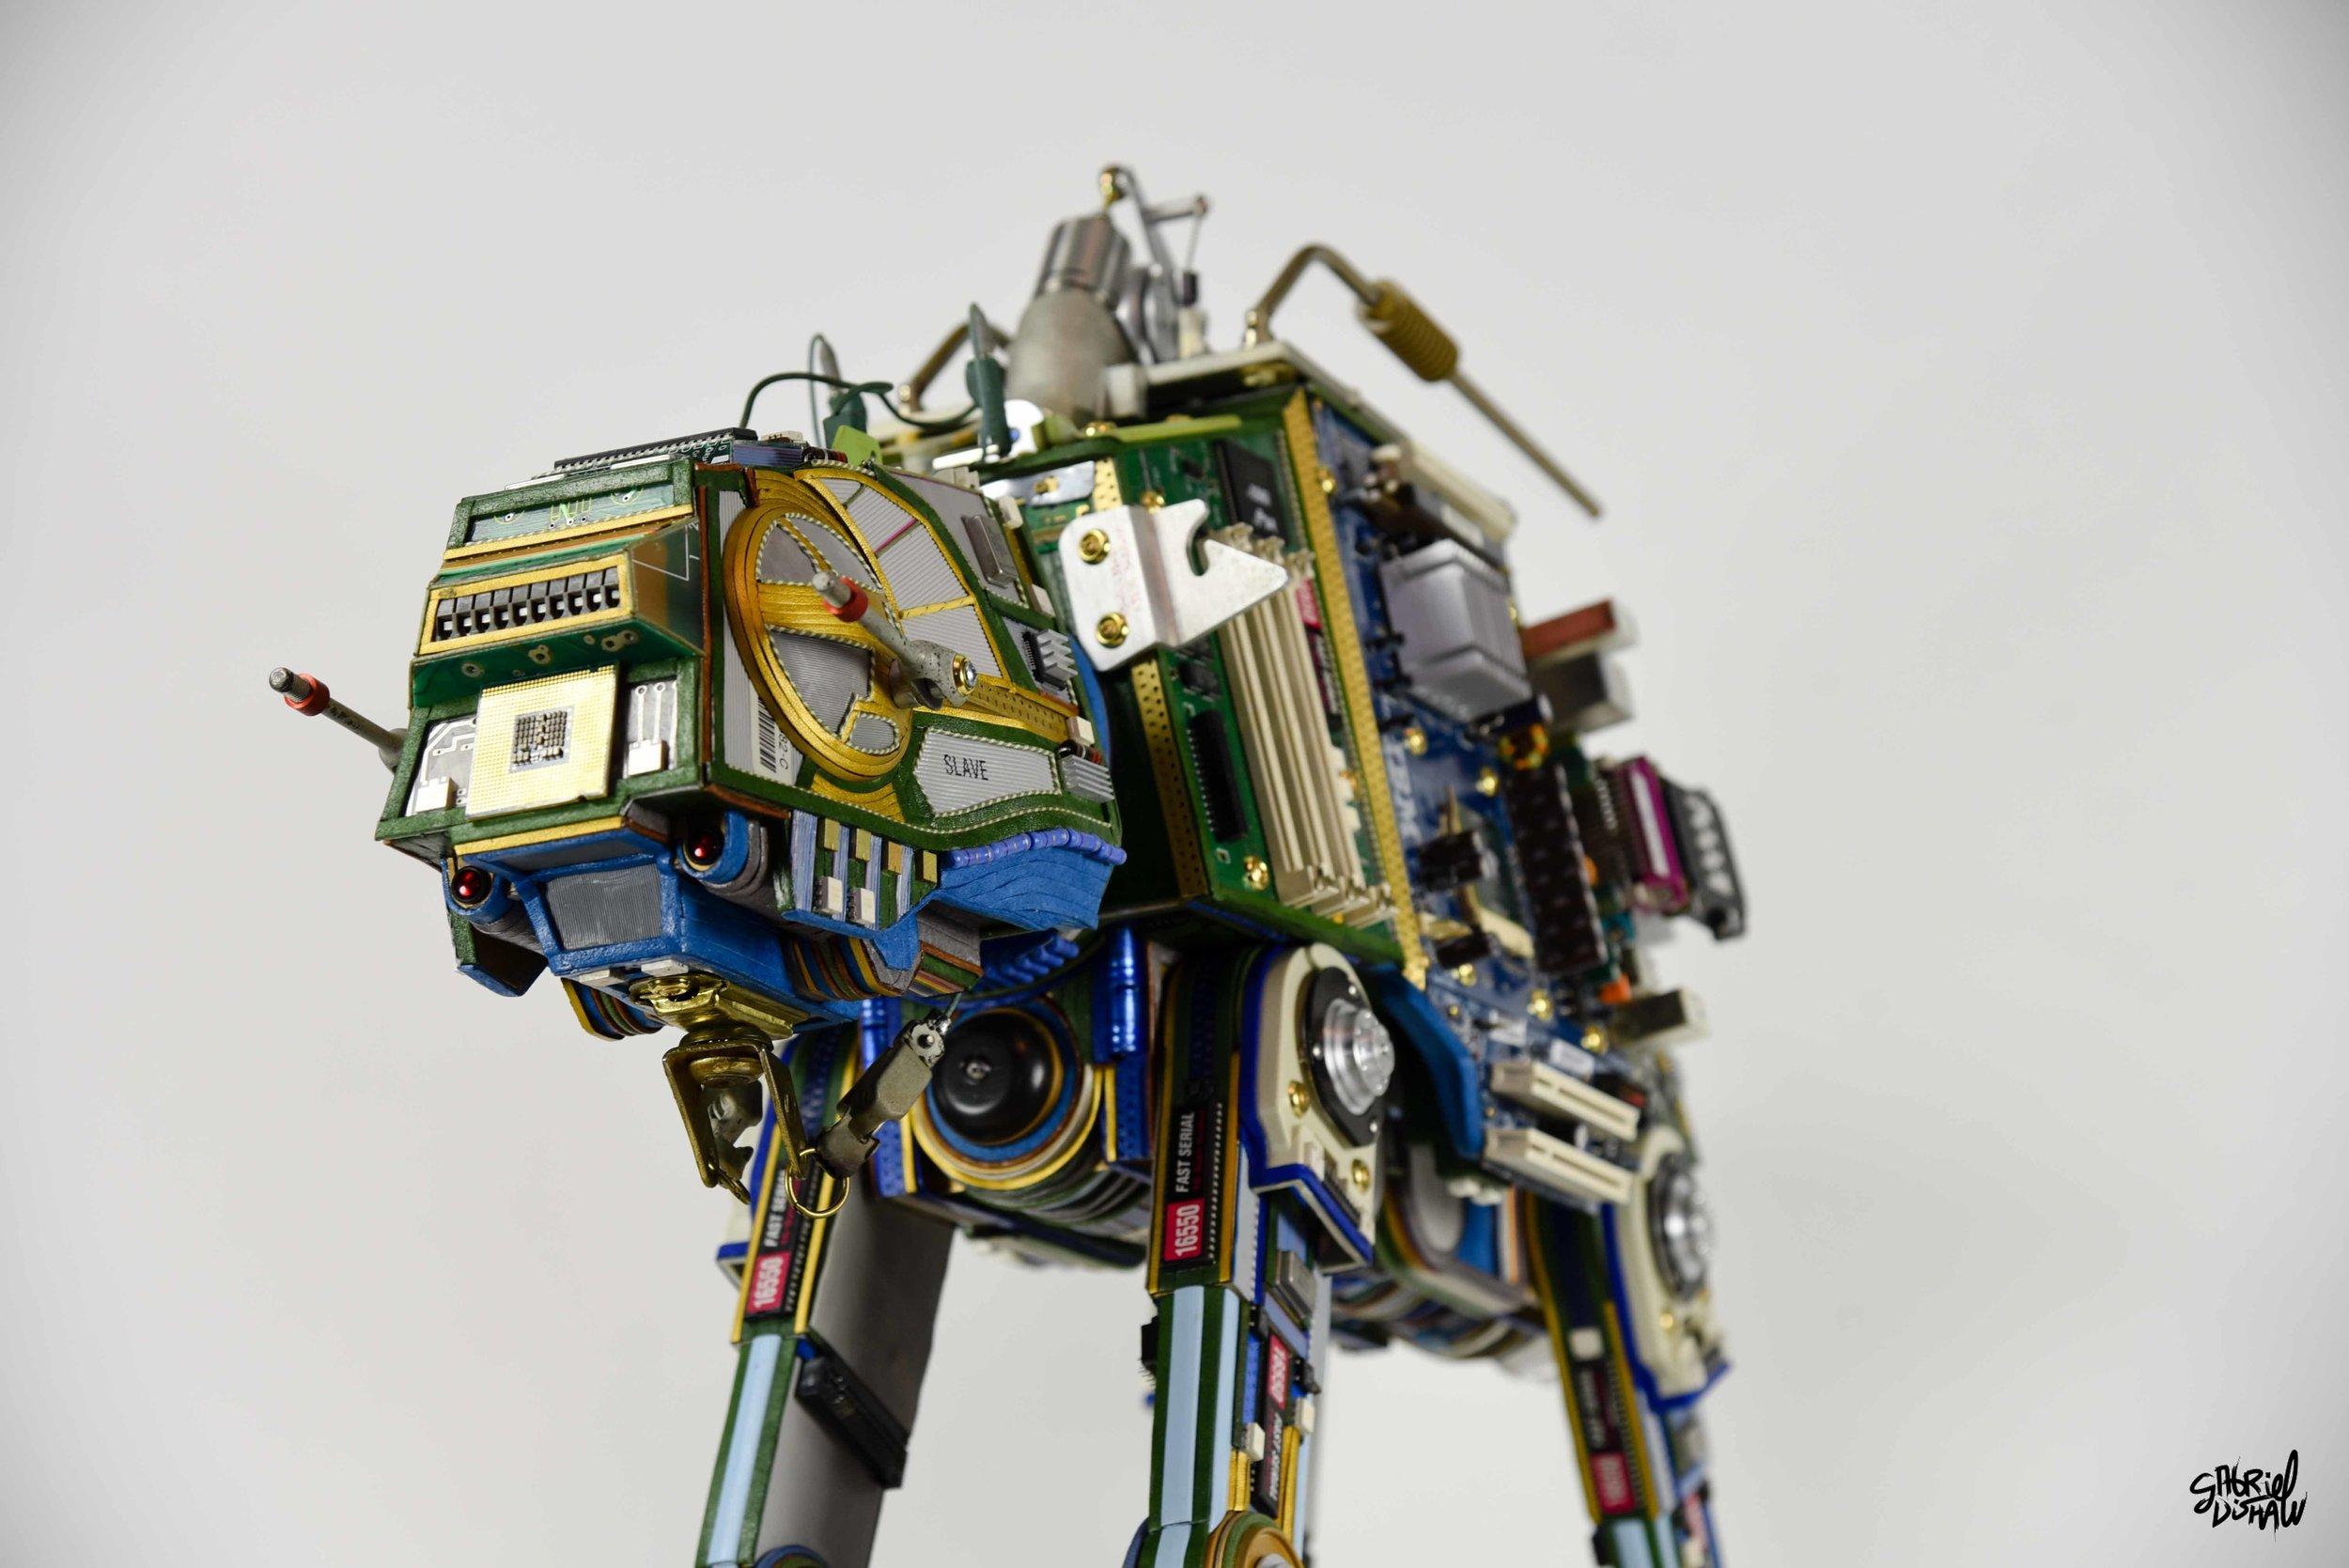 Gabriel Dishaw Upcycled AT-AT TWO-3666.jpg